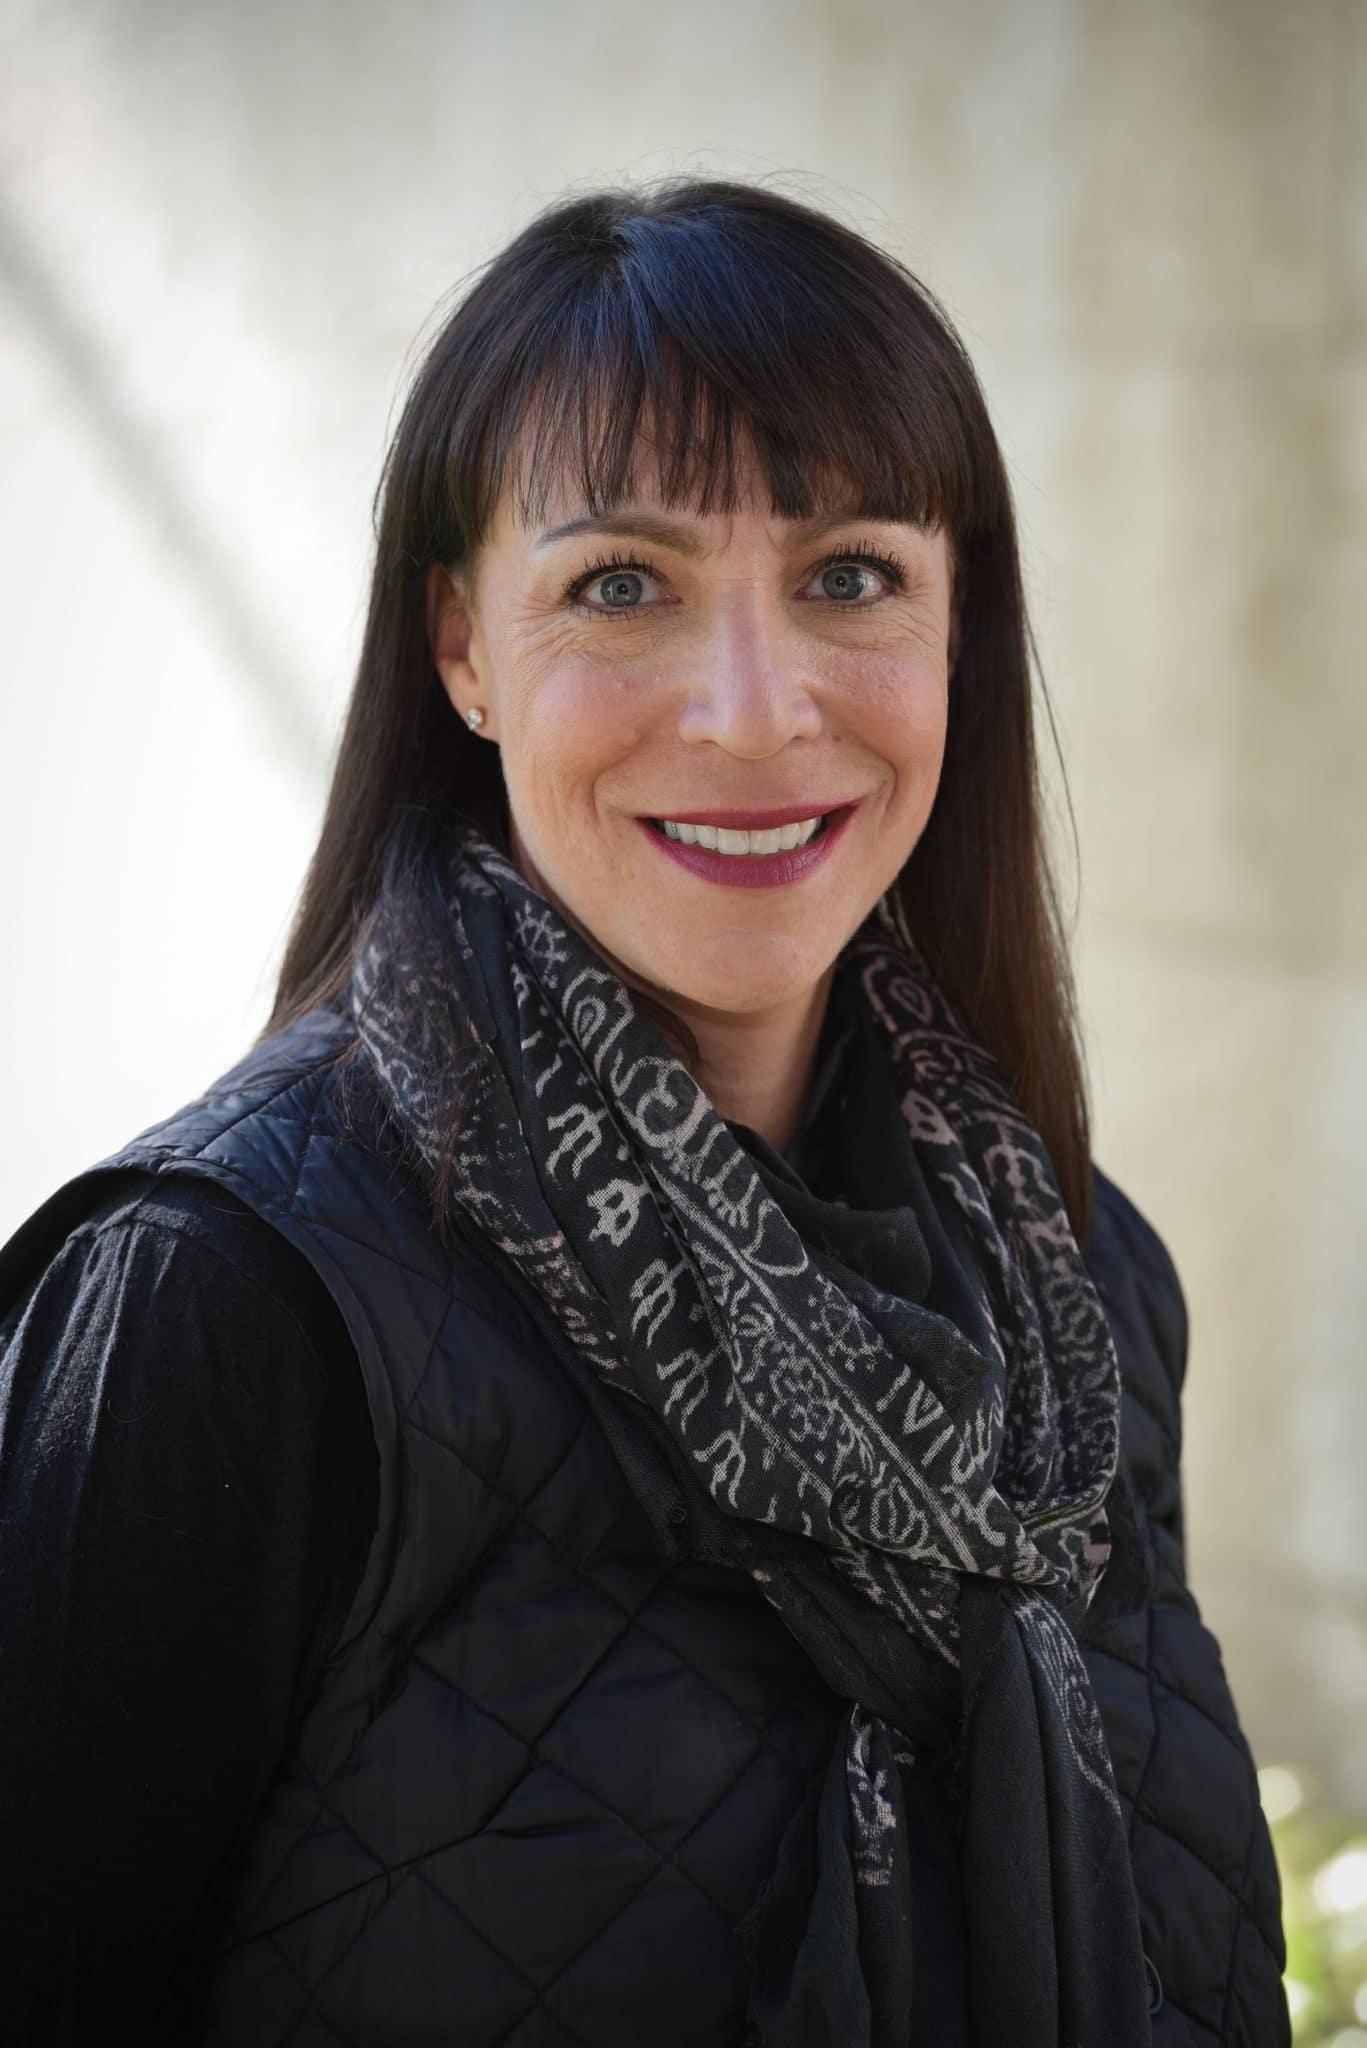 Julie Flansbaum